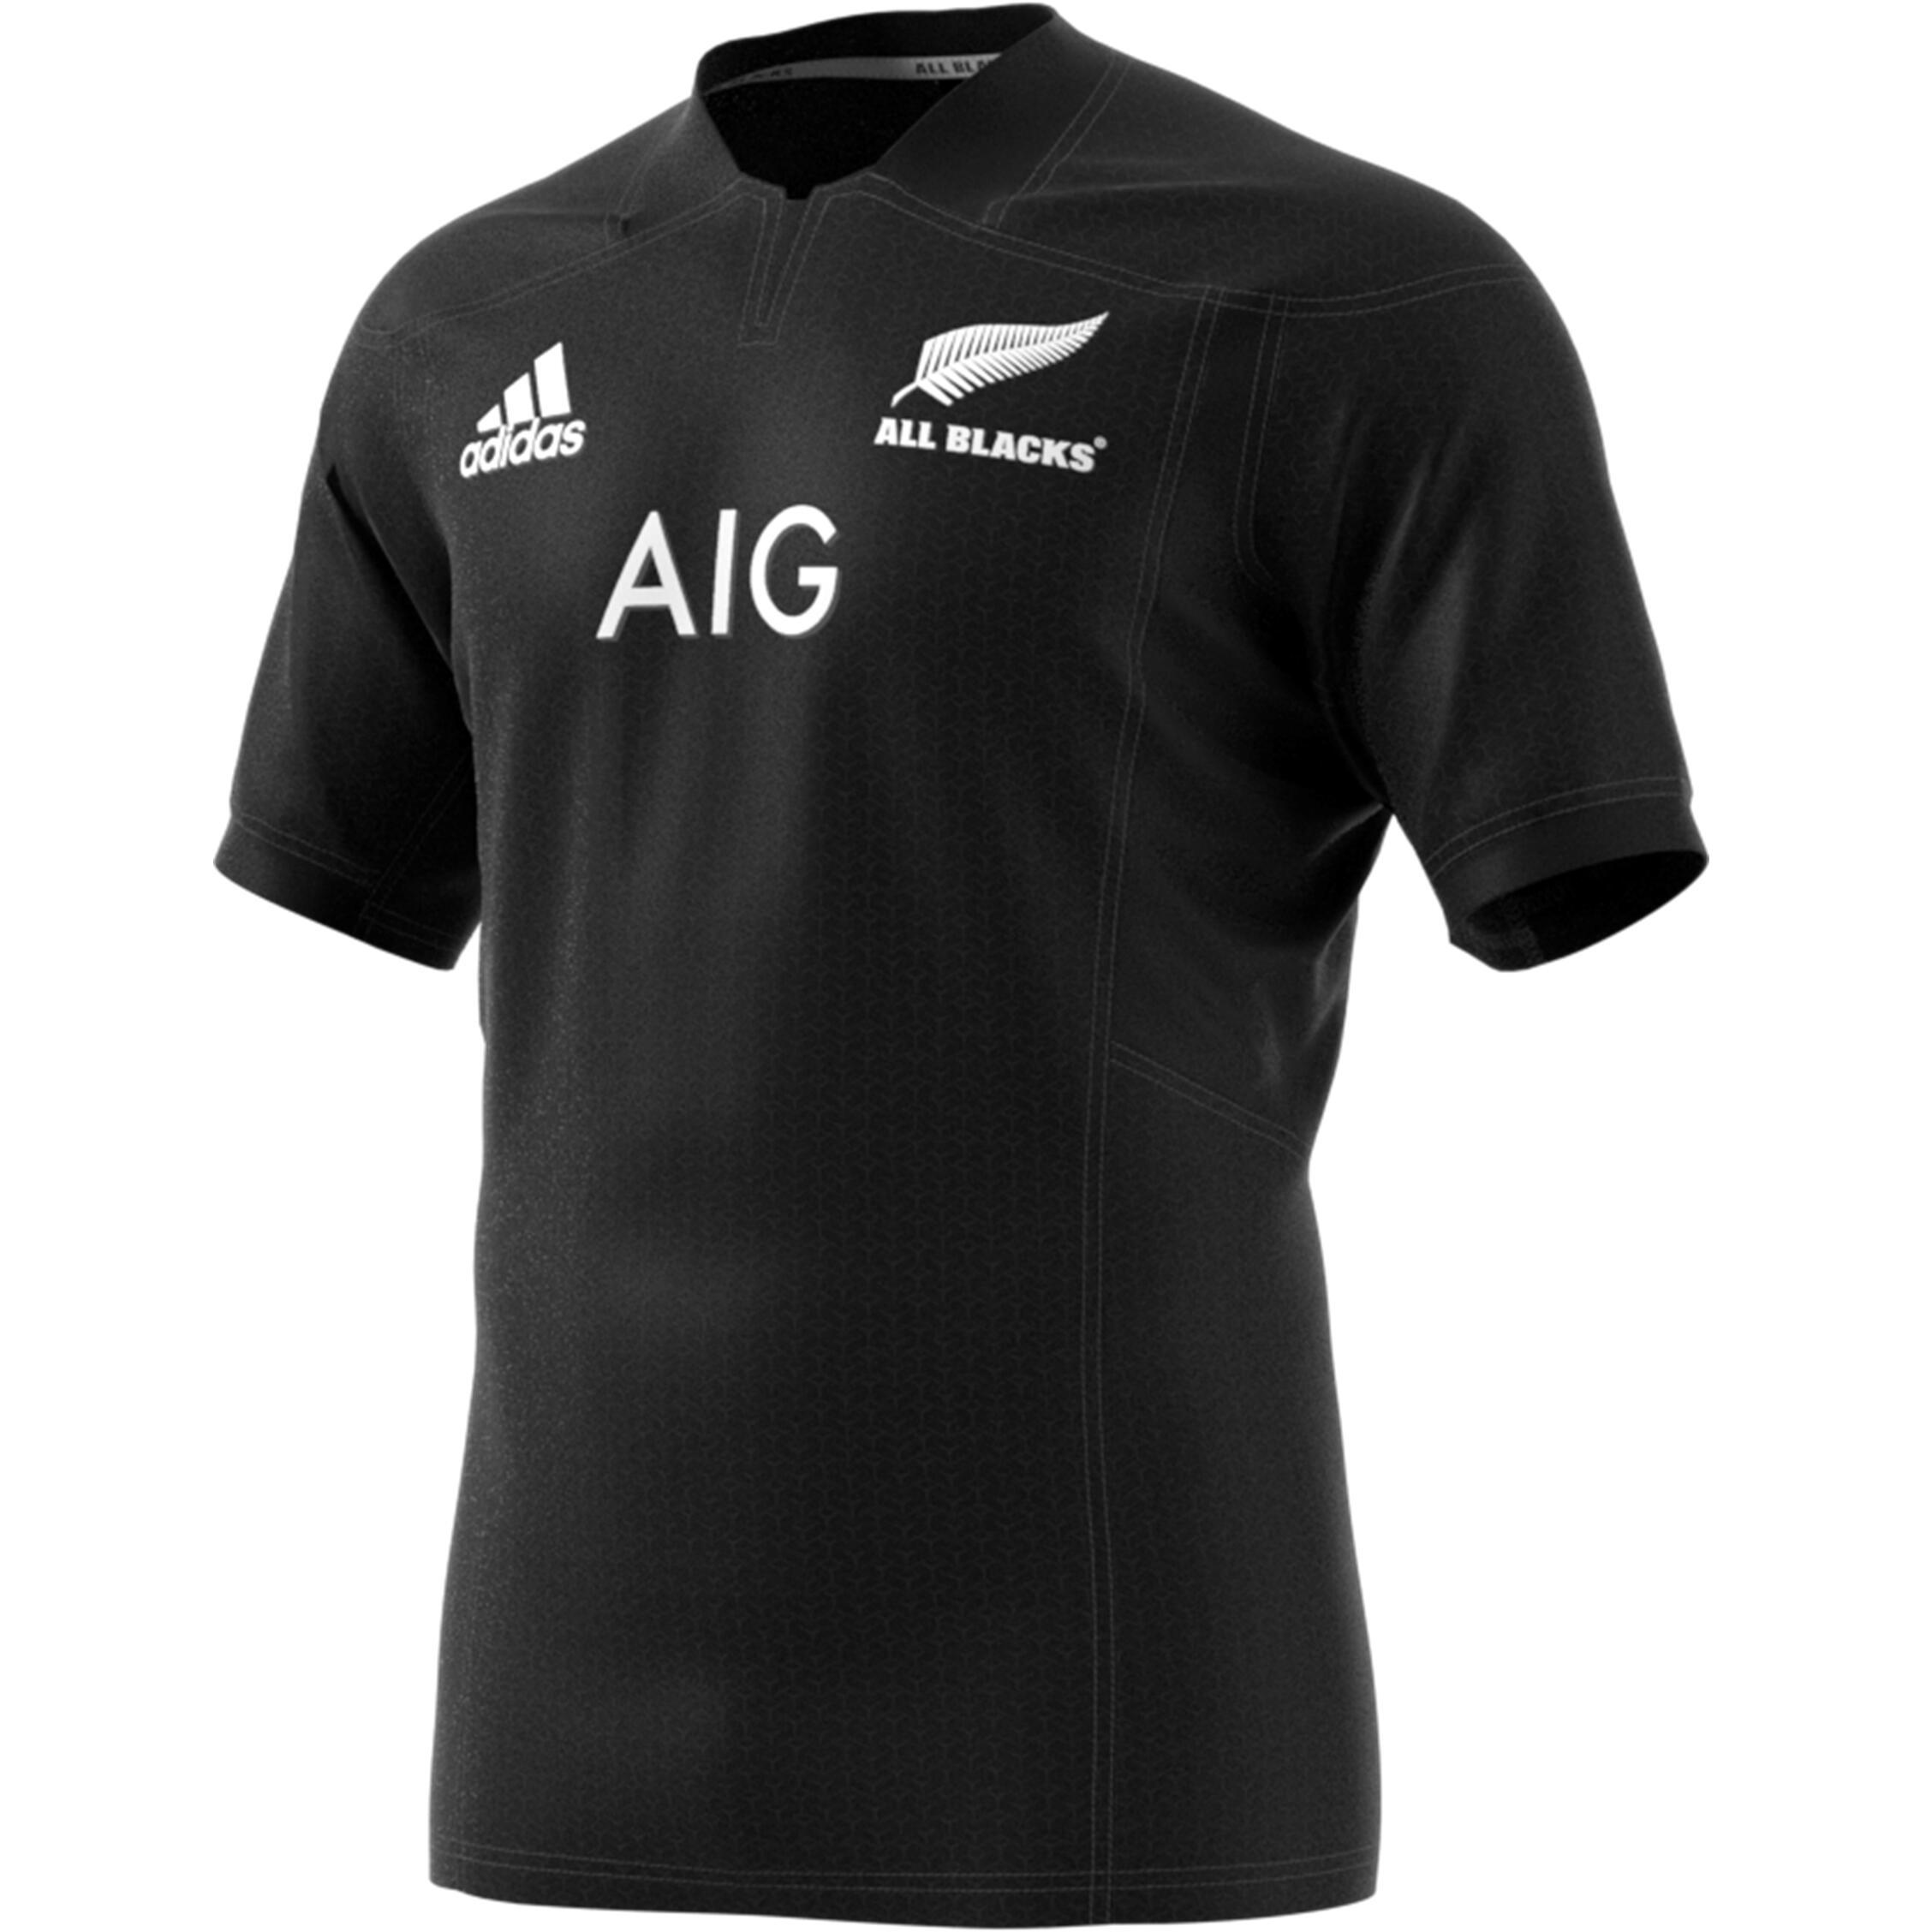 Rugbytrikot Replica Neuseeland 2016 2018 Erwachsene schwarz | Sportbekleidung > Trikots > Sonstige Trikots | Schwarz | Adidas